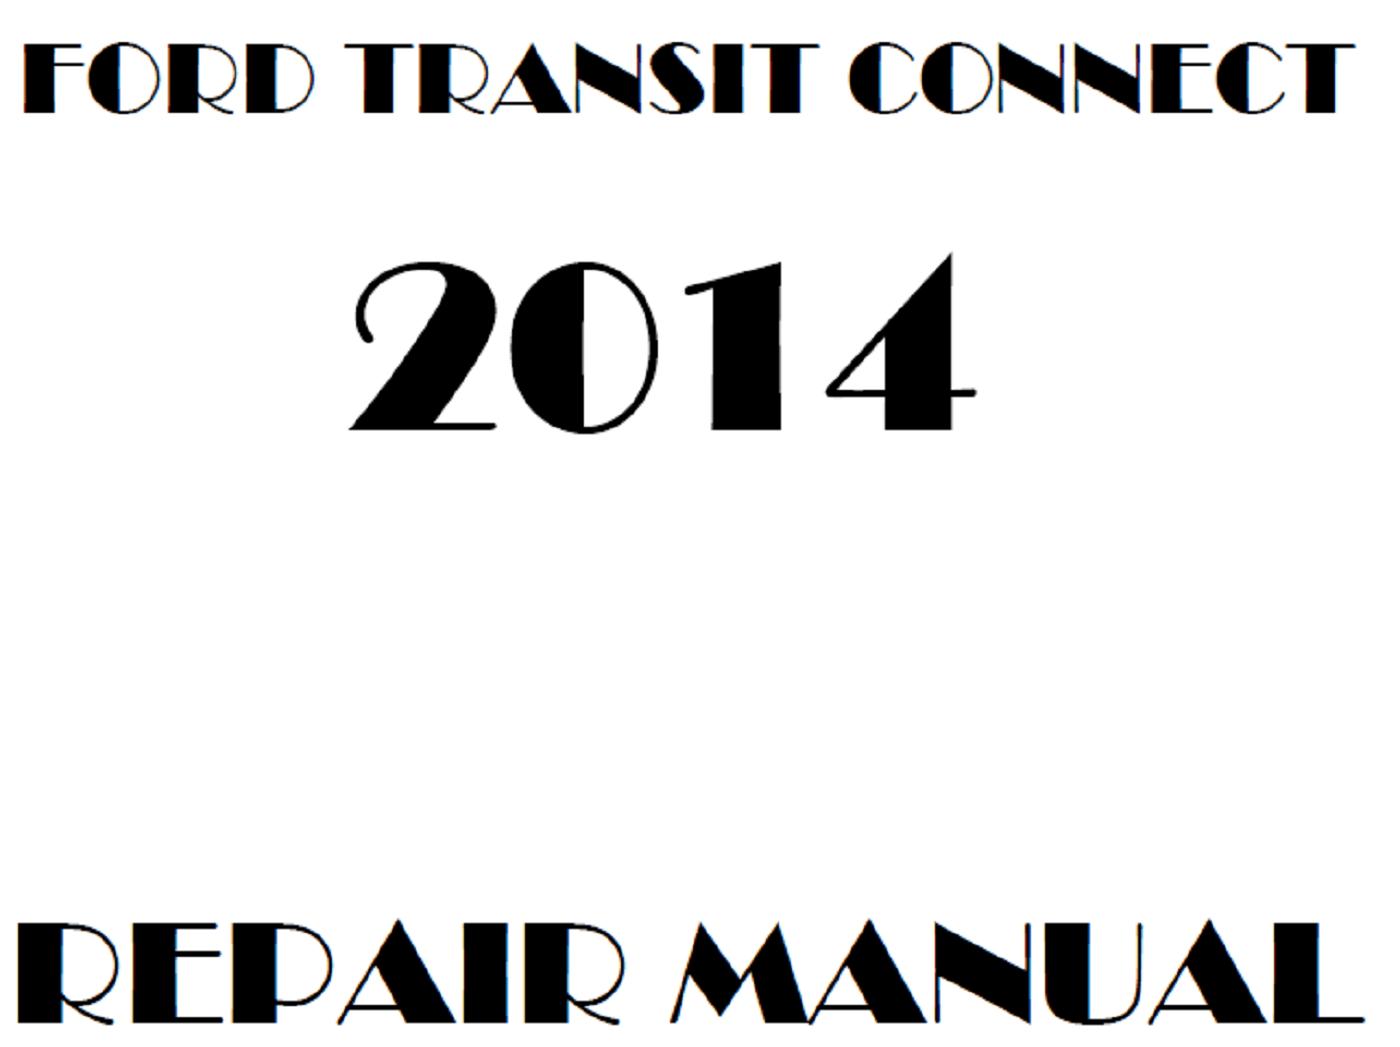 2014 Ford Transit Connect repair manual